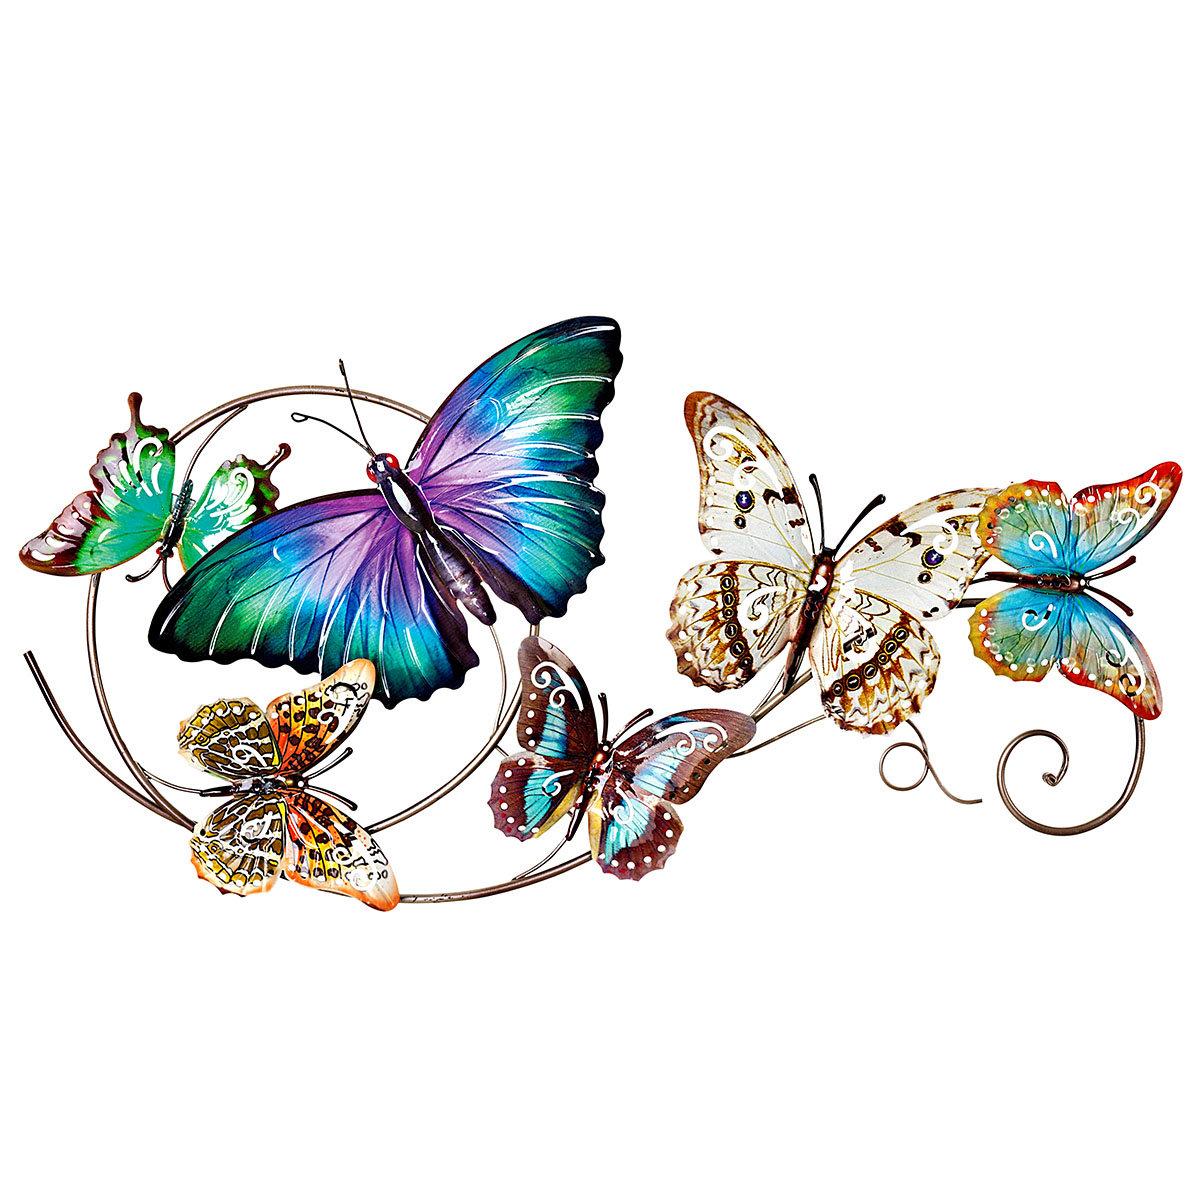 Wanddeko Schmetterlinge, 73x37 cm, bunt | #3